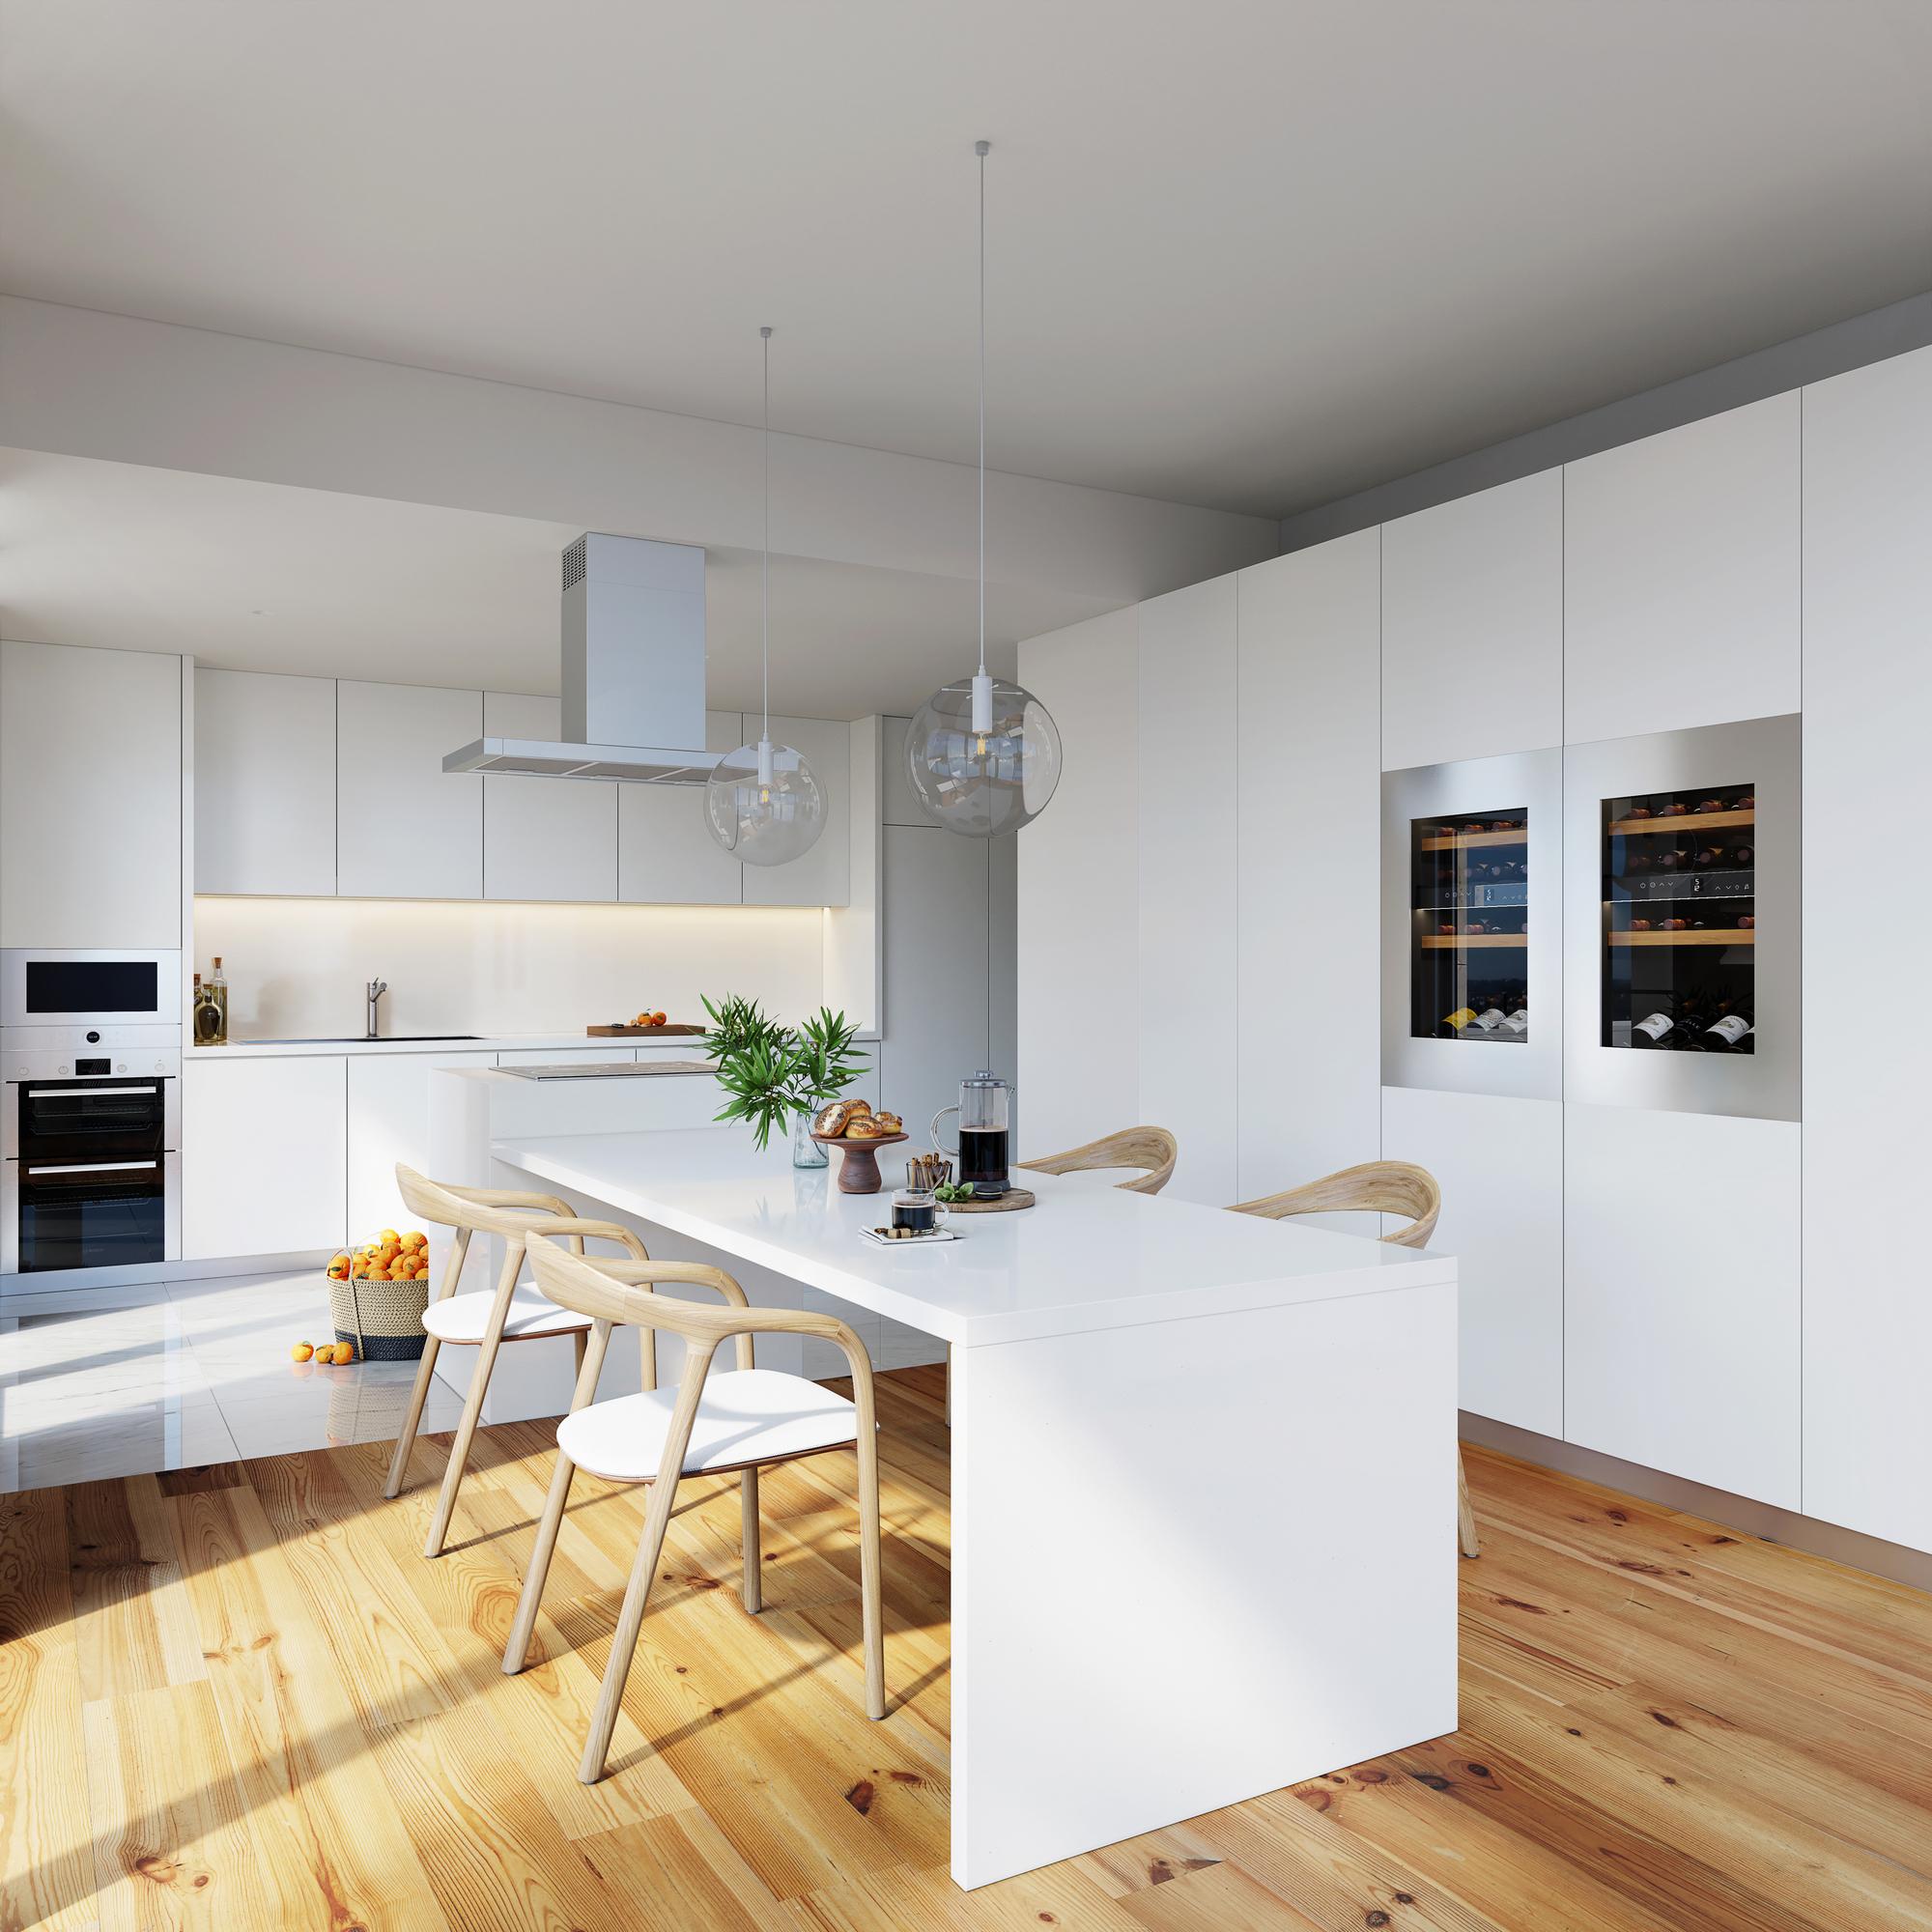 bayline-b1-p5-kitchen